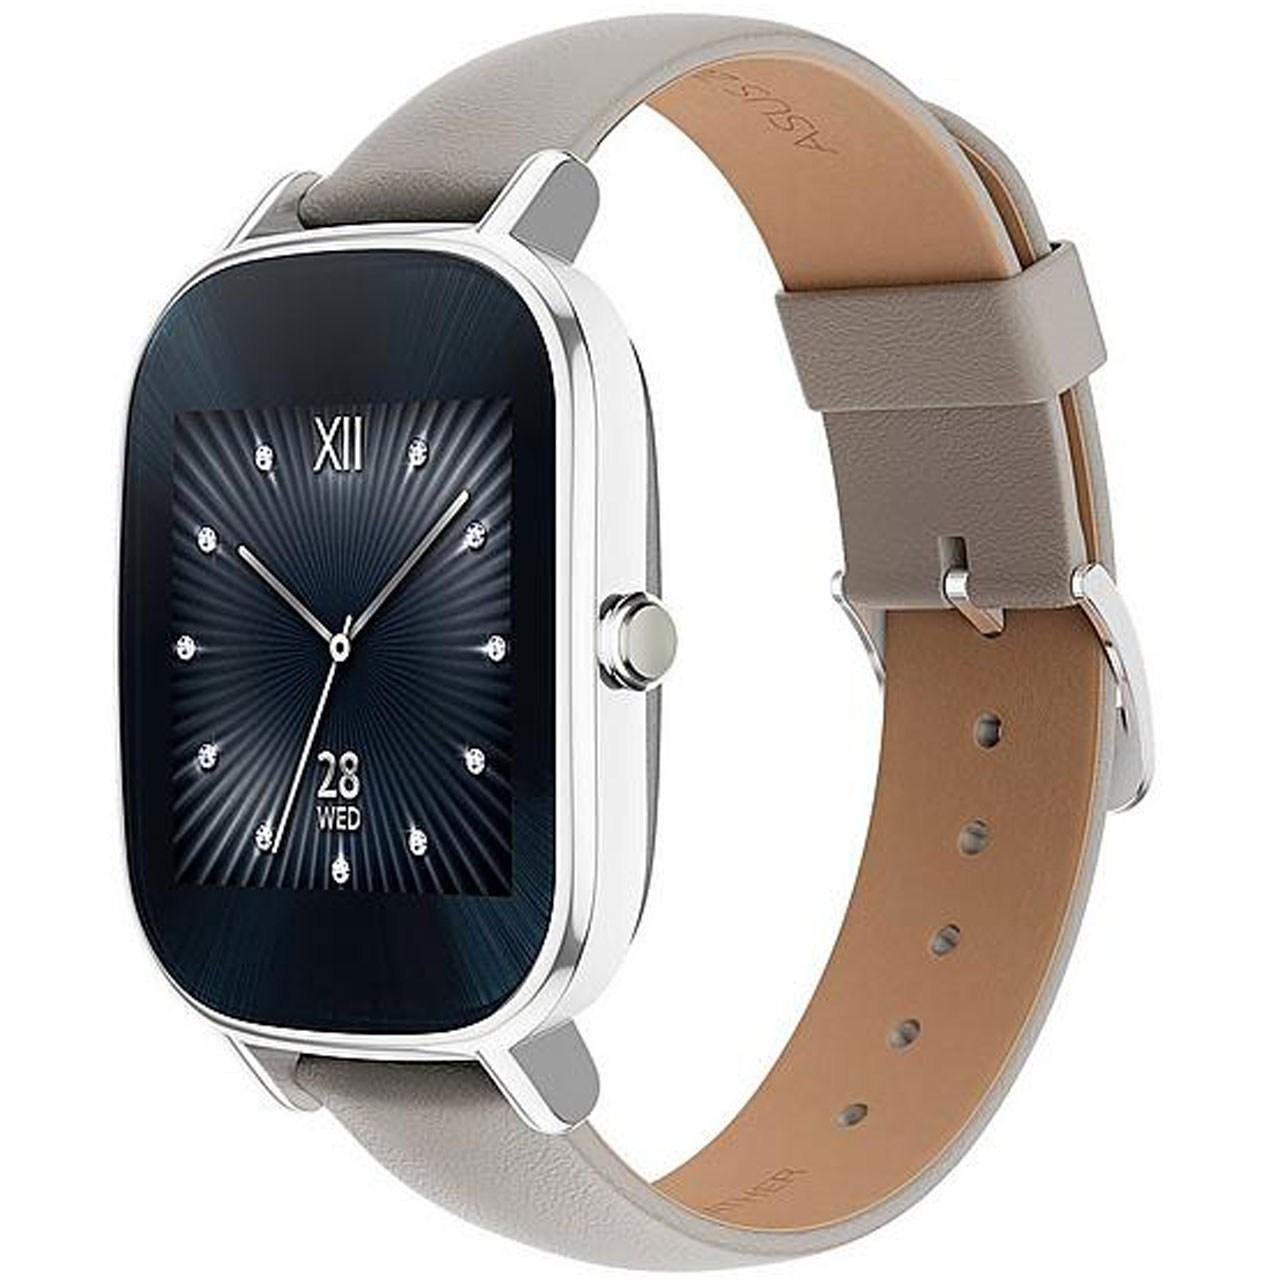 ساعت هوشمند ایسوس مدل زن واچ 2 WI502Q با بند لاستیکی